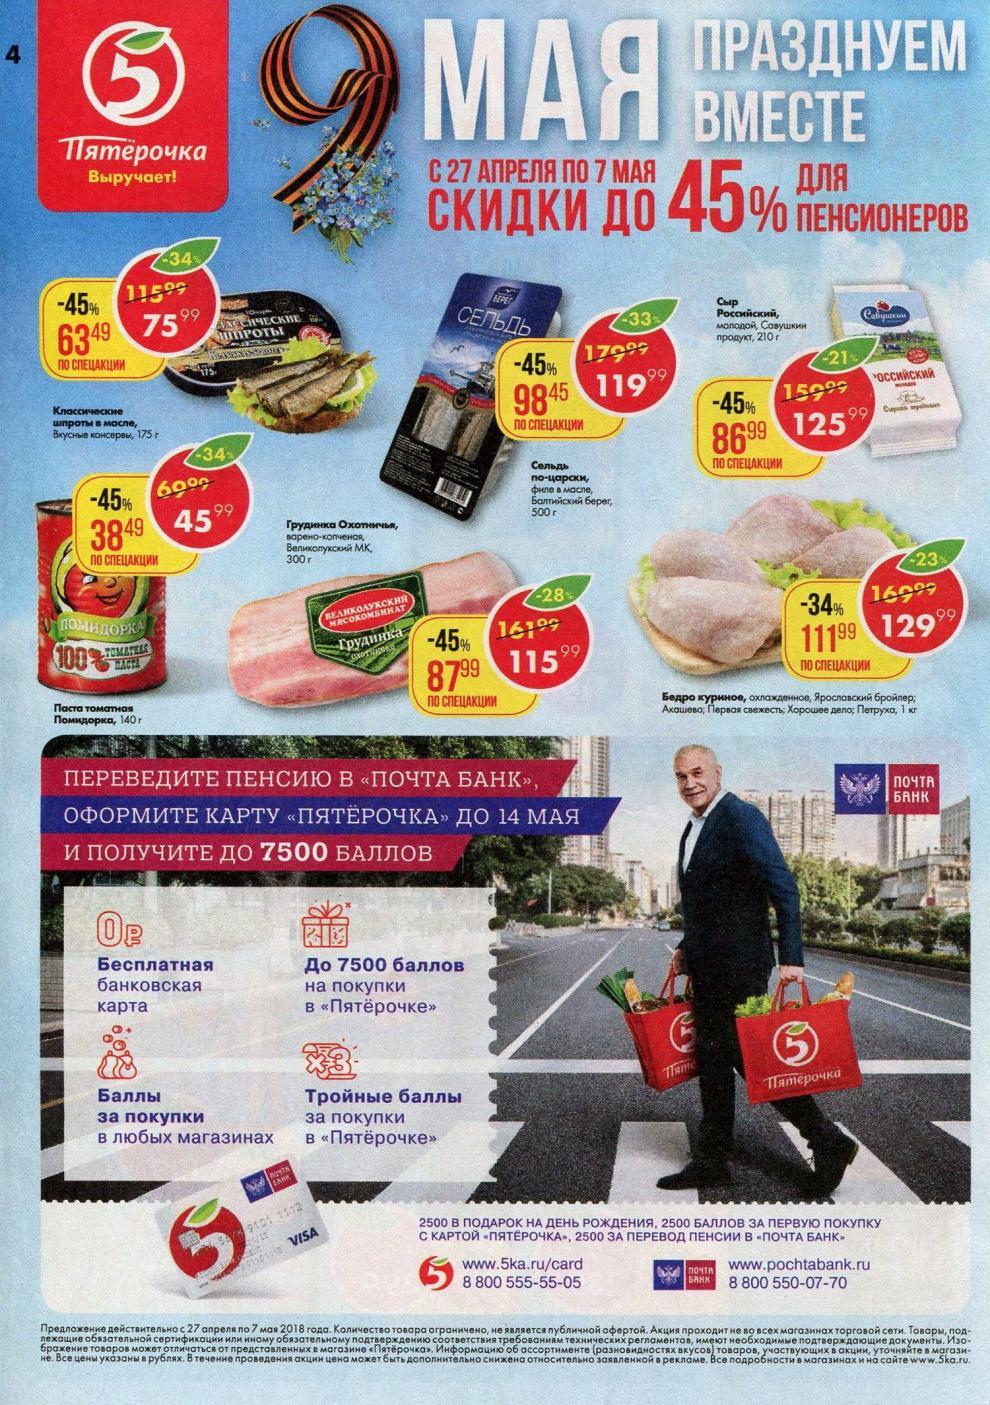 Акции в Пятёрочке с 1 по 7 мая 2018 года